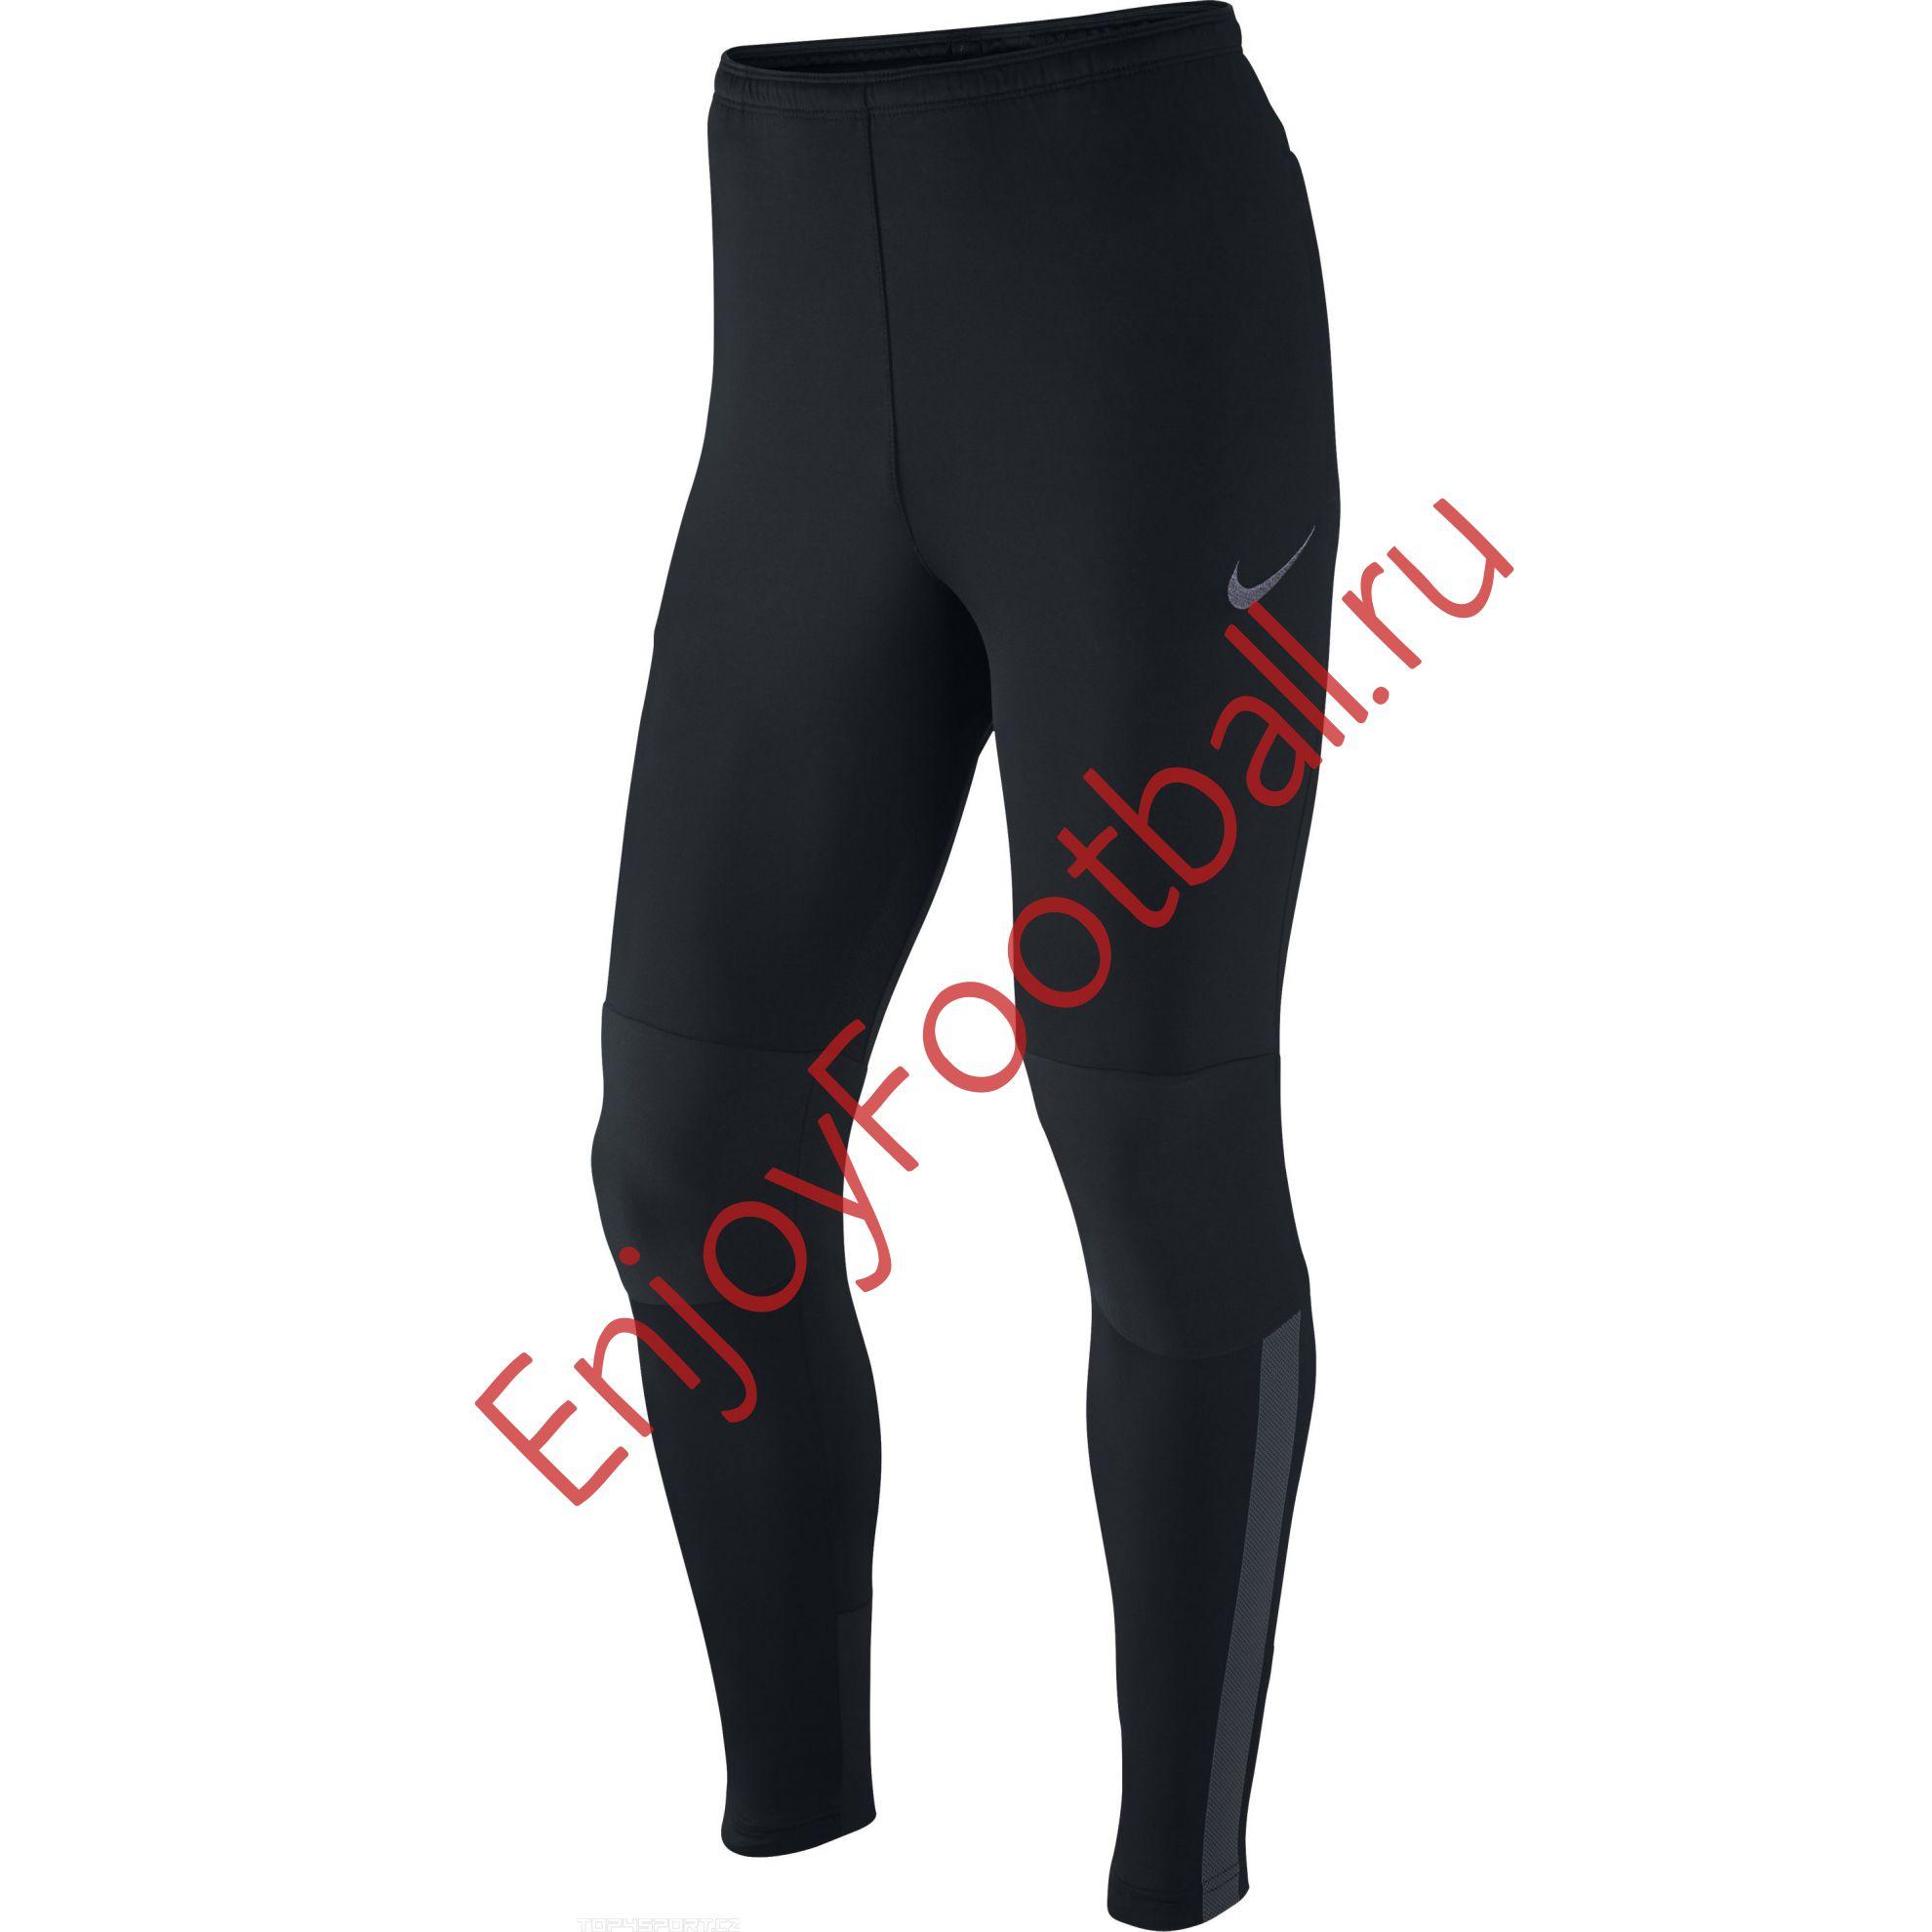 Штаны для тренировок NIKE SELECT STRIKE TECH PANT купить в интернет ... 4211379bcab